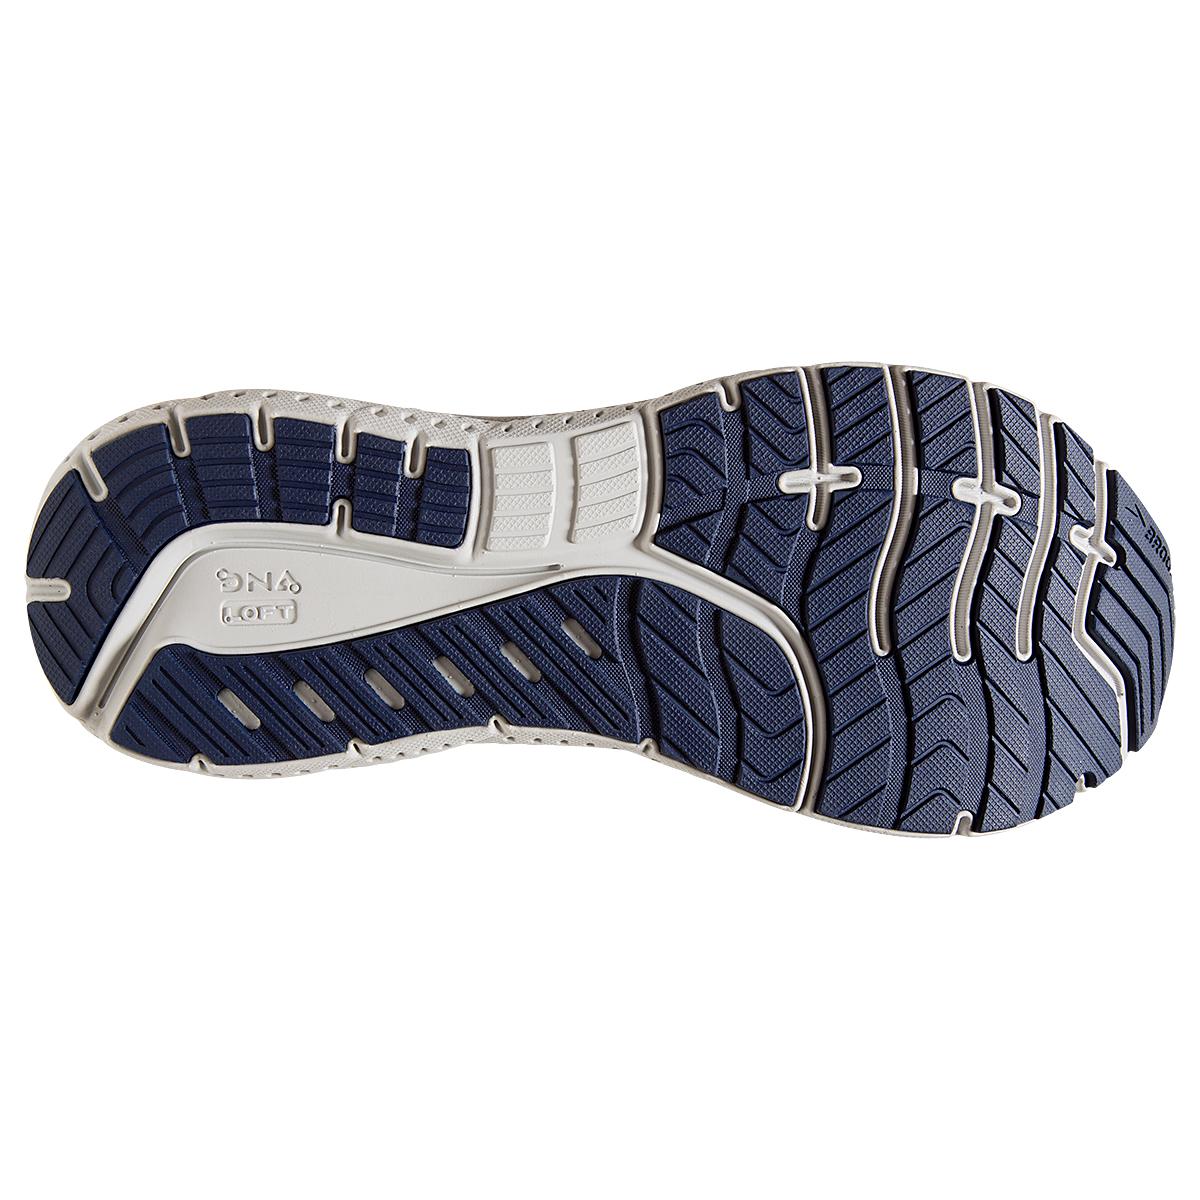 Men's Brooks Transcend 7 Running Shoe - Color: Deep Cobalt/Grey - Size: 7 - Width: Regular, Deep Cobalt/Grey, large, image 3